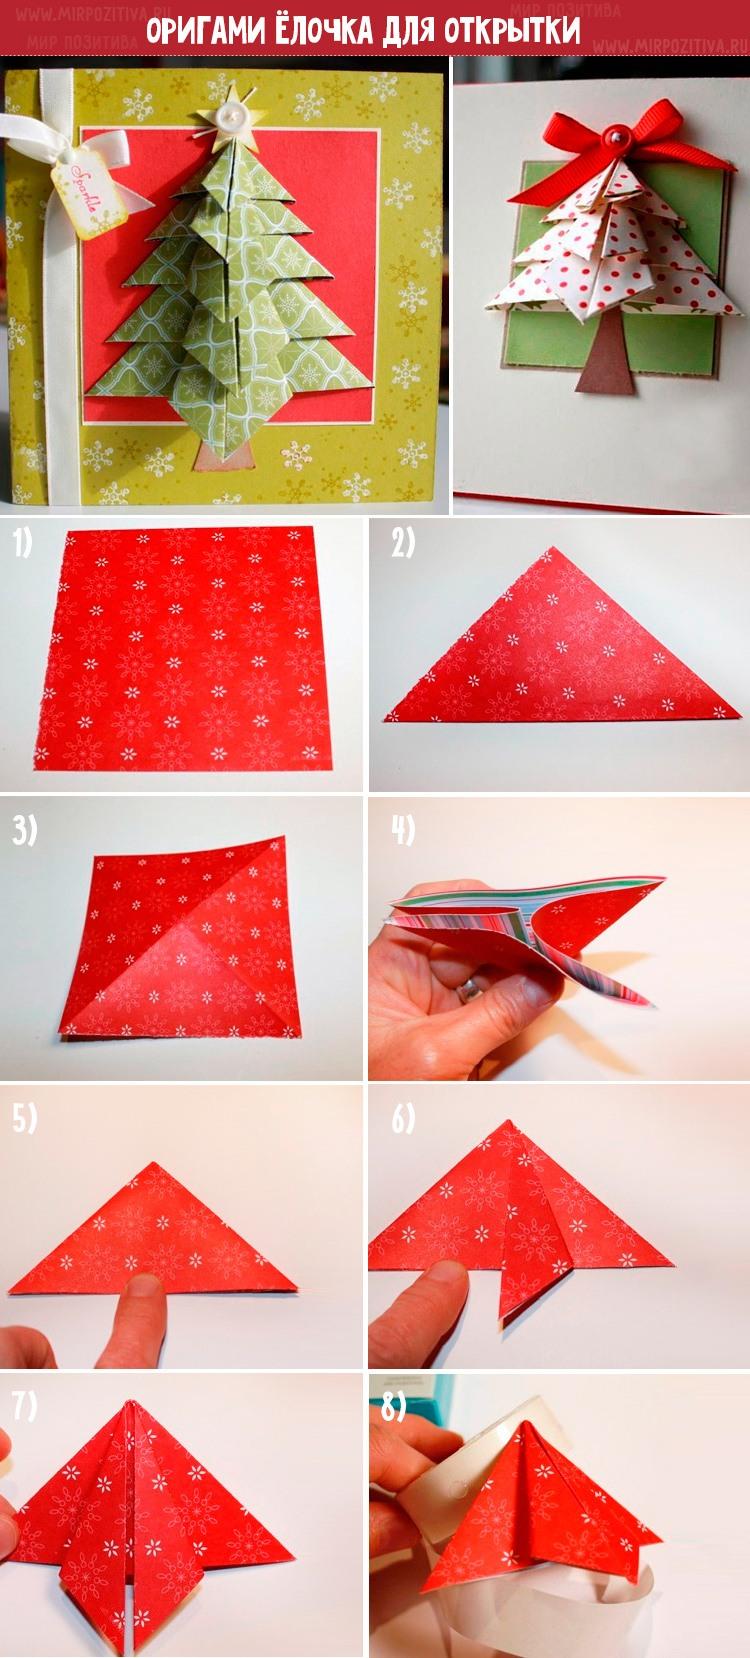 Как сделать новогоднею открытку поэтапно, картинки надписями